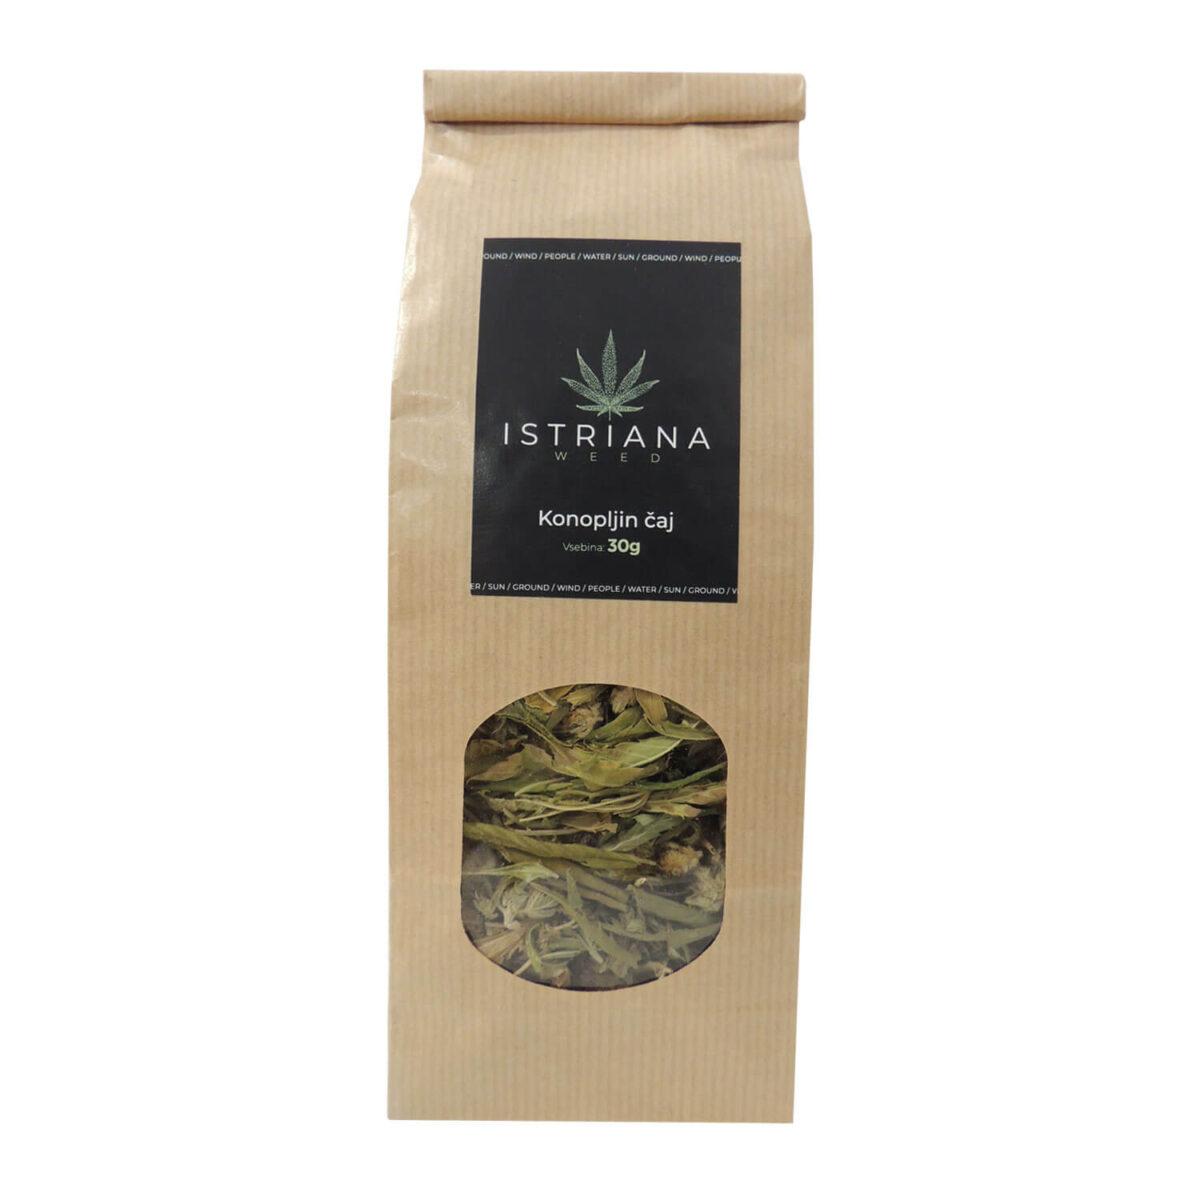 Konopljin čaj Istriana, 30 gramov. Korenika & Moškon.